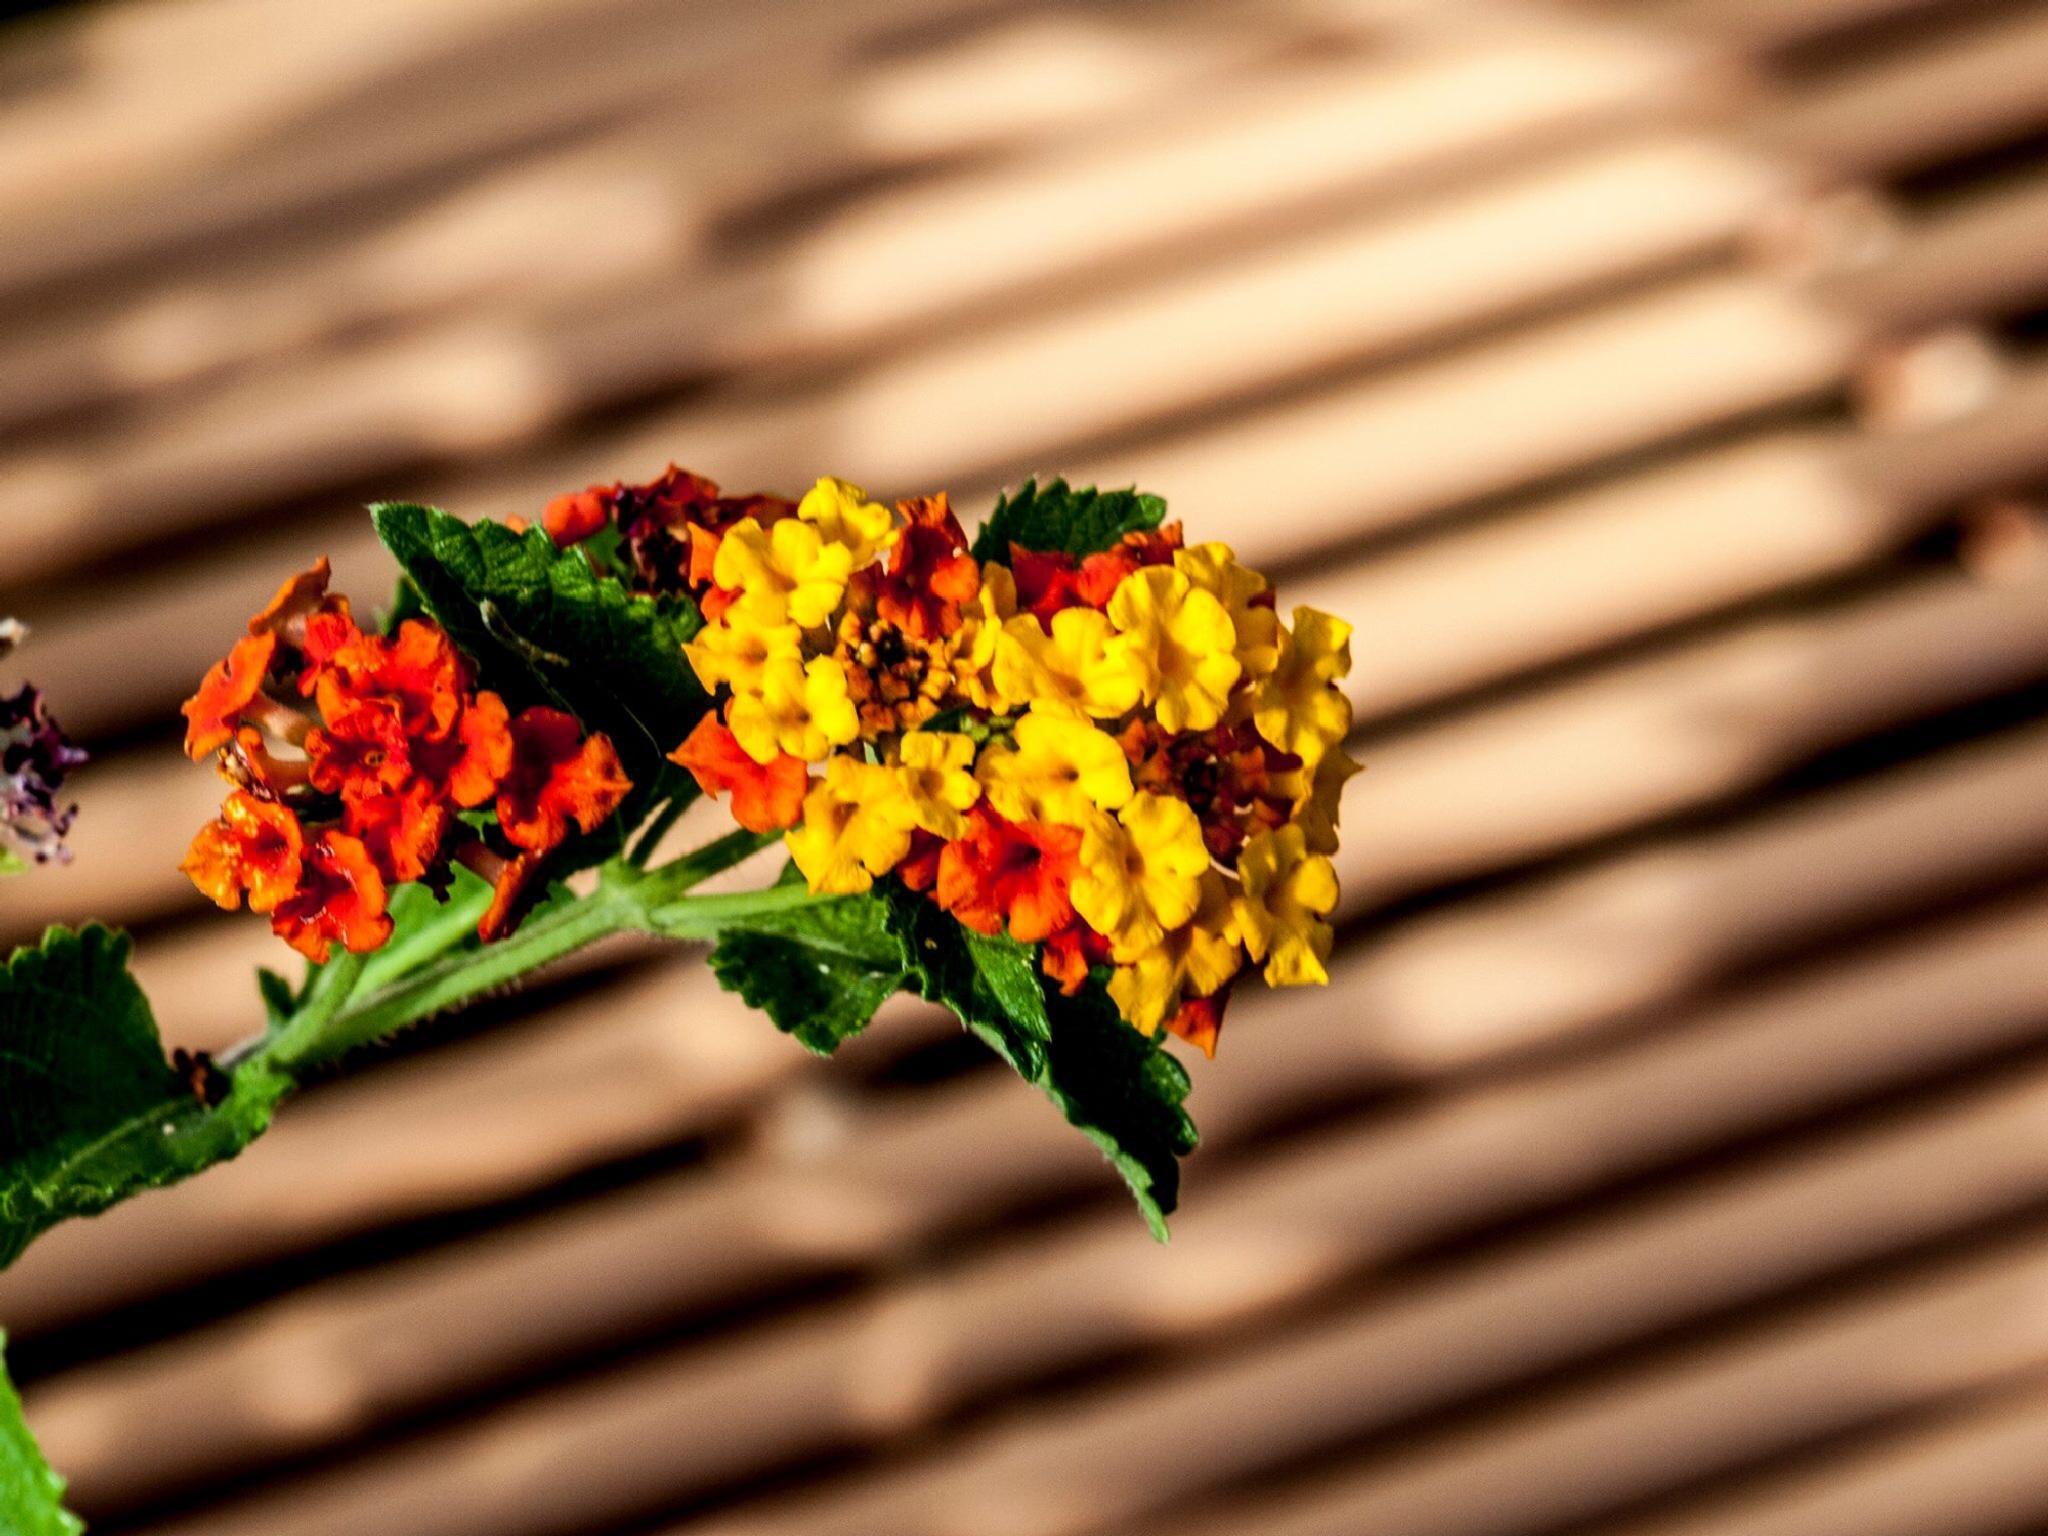 Flowers by Robert Brown